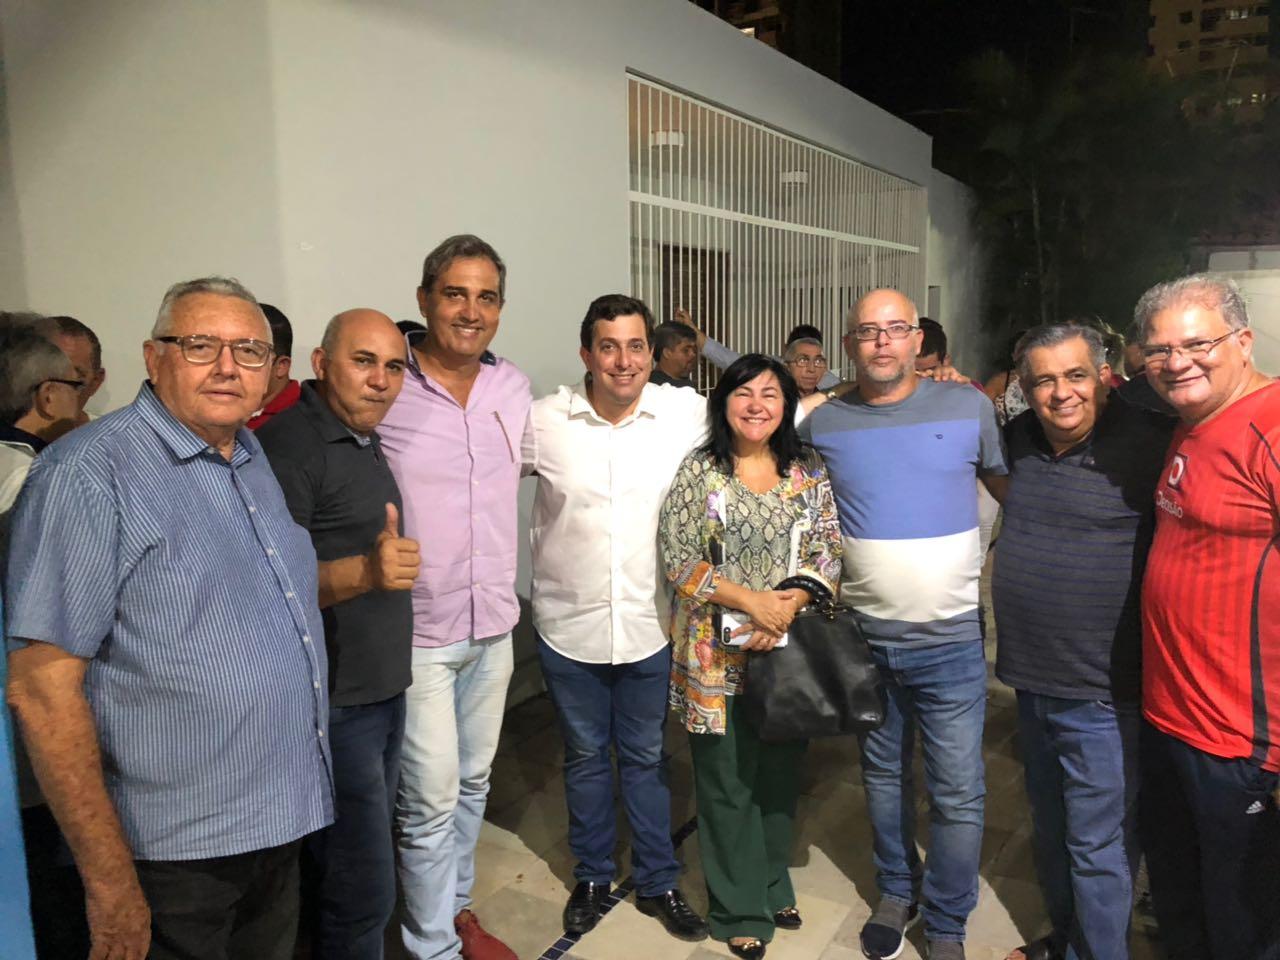 WhatsApp Image 2018 03 05 at 22.19.59 - Gervásio Maia Filho recebe apoio de Edmilson Soares para a Câmara Federal